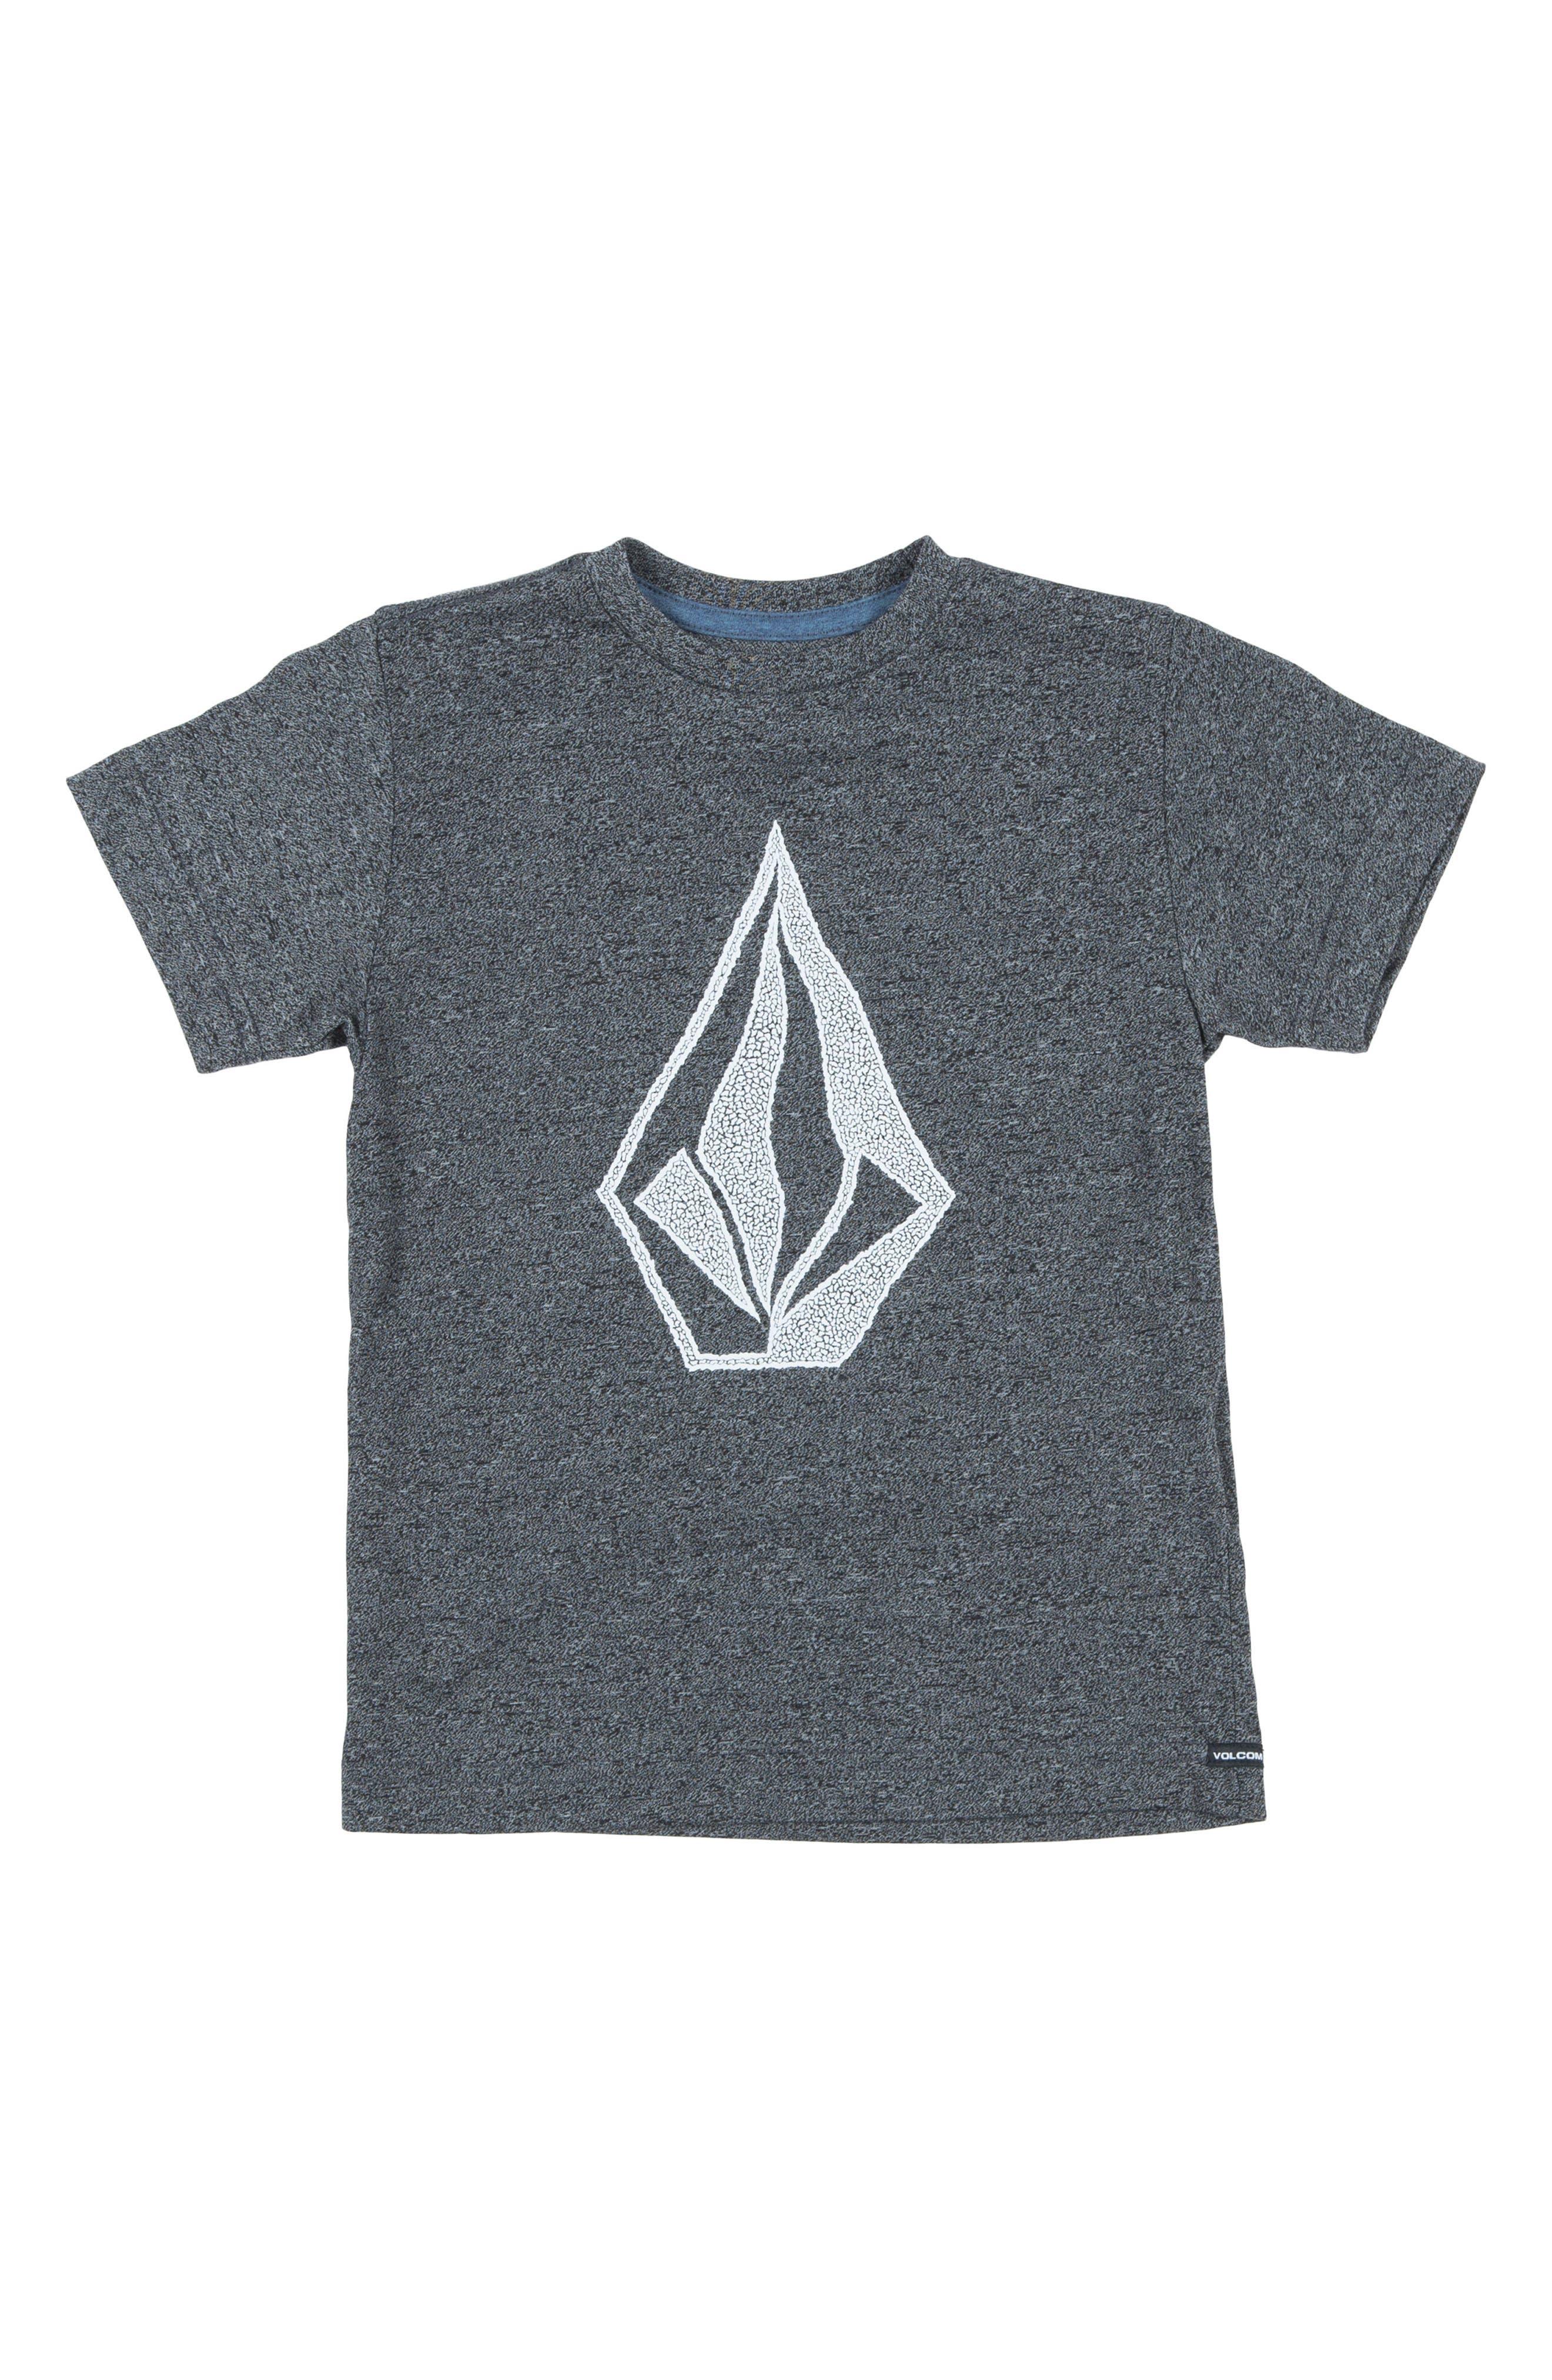 Volcom Logo Graphic T-Shirt (Toddler Boys & Little Boys)